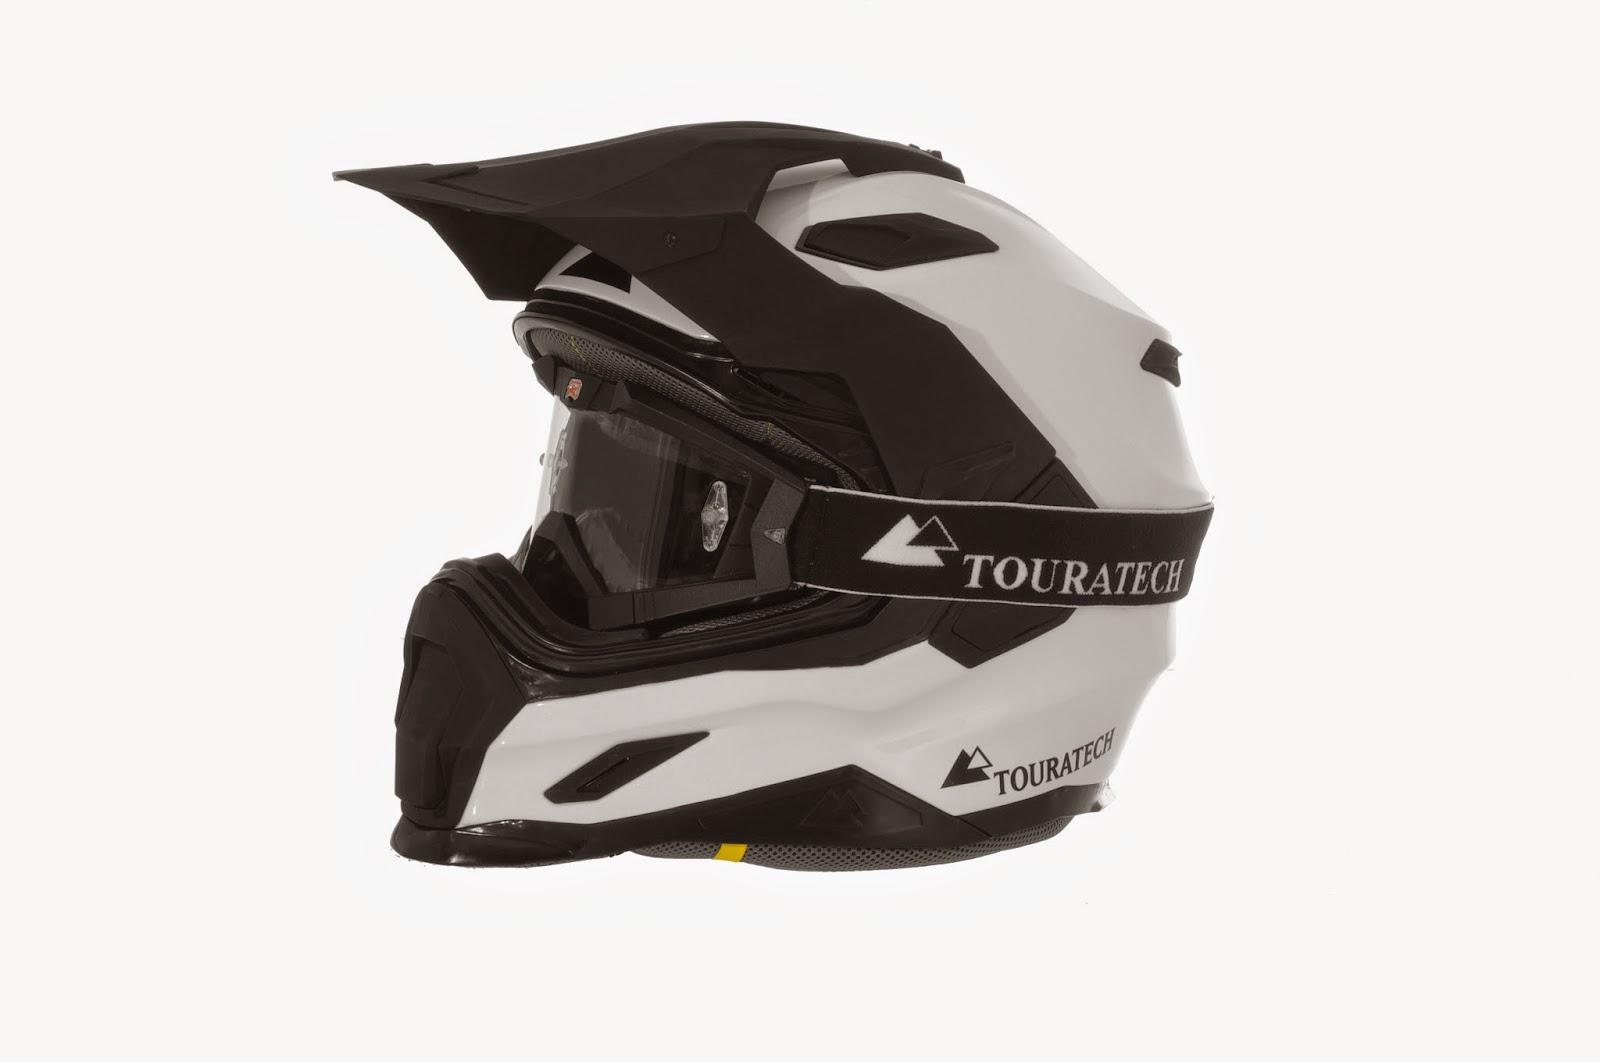 Přilba Aventuro byla navržena motocyklovými cestovateli a je to vidět ve  všech funkčních detailech. Štítky většiny přileb mají tendenci zachytávat  proud ... b32249f61c